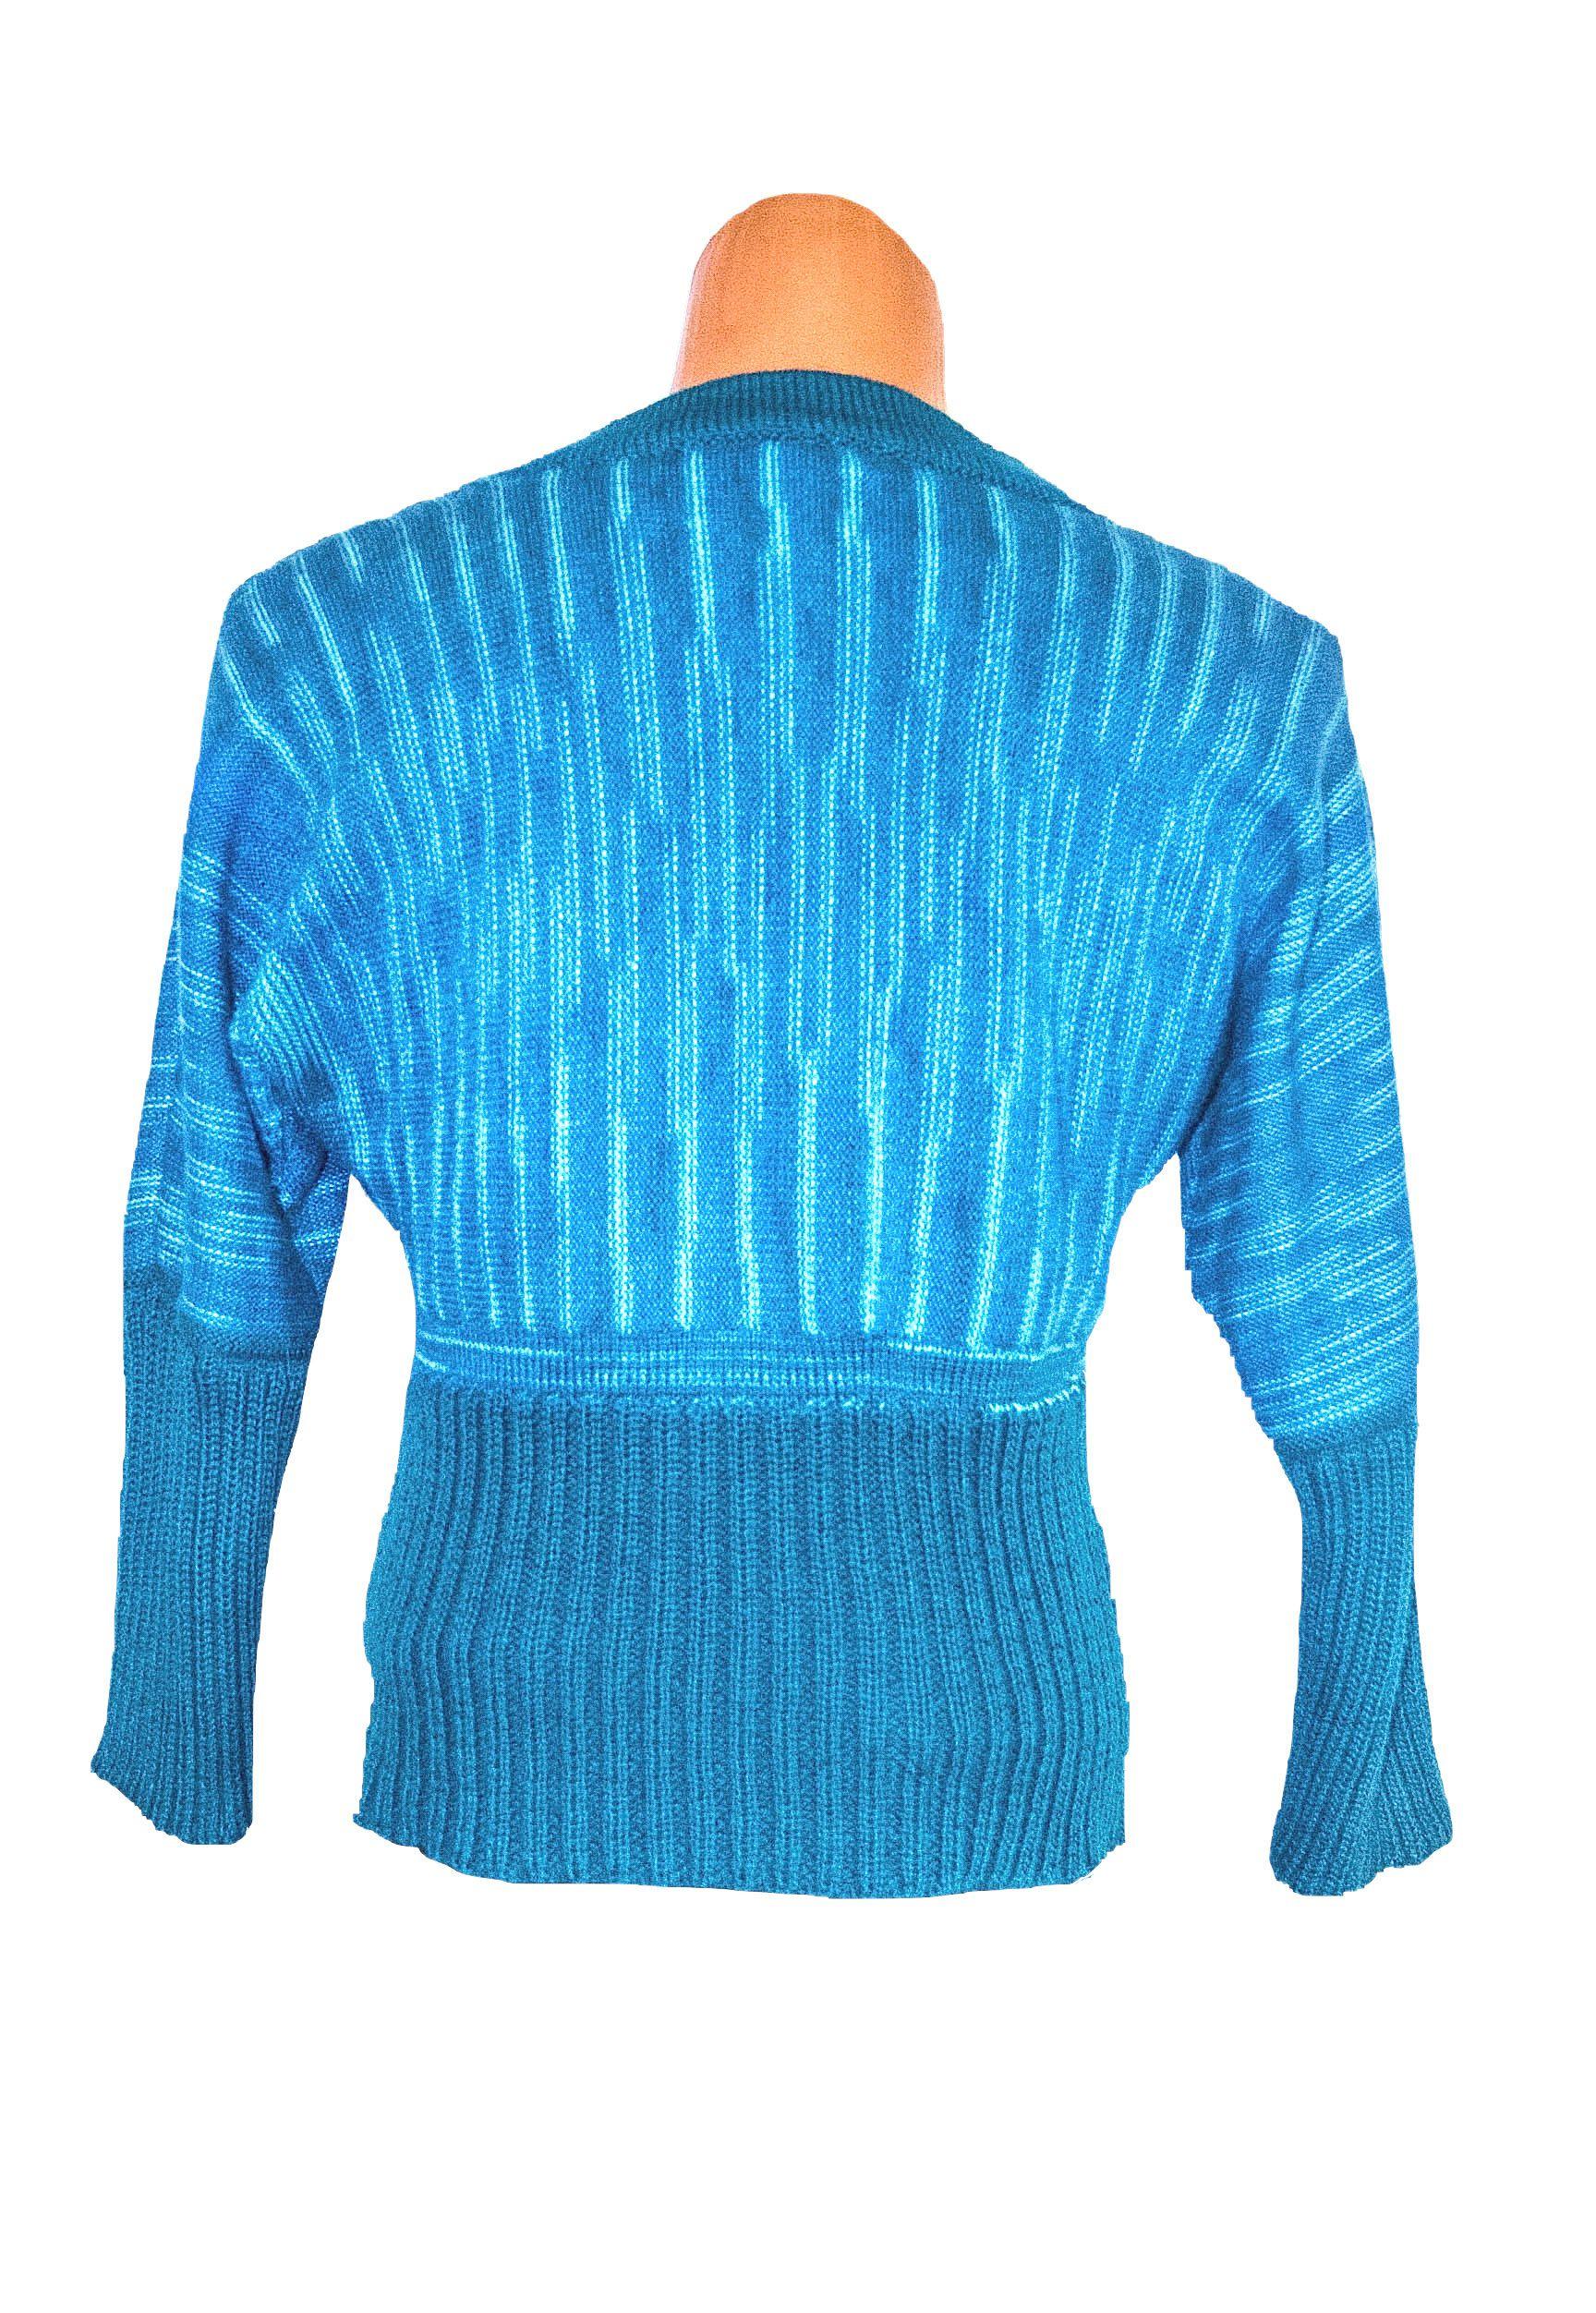 на волна вязание полоску морская женский заказ вязаный машинное в джемпер